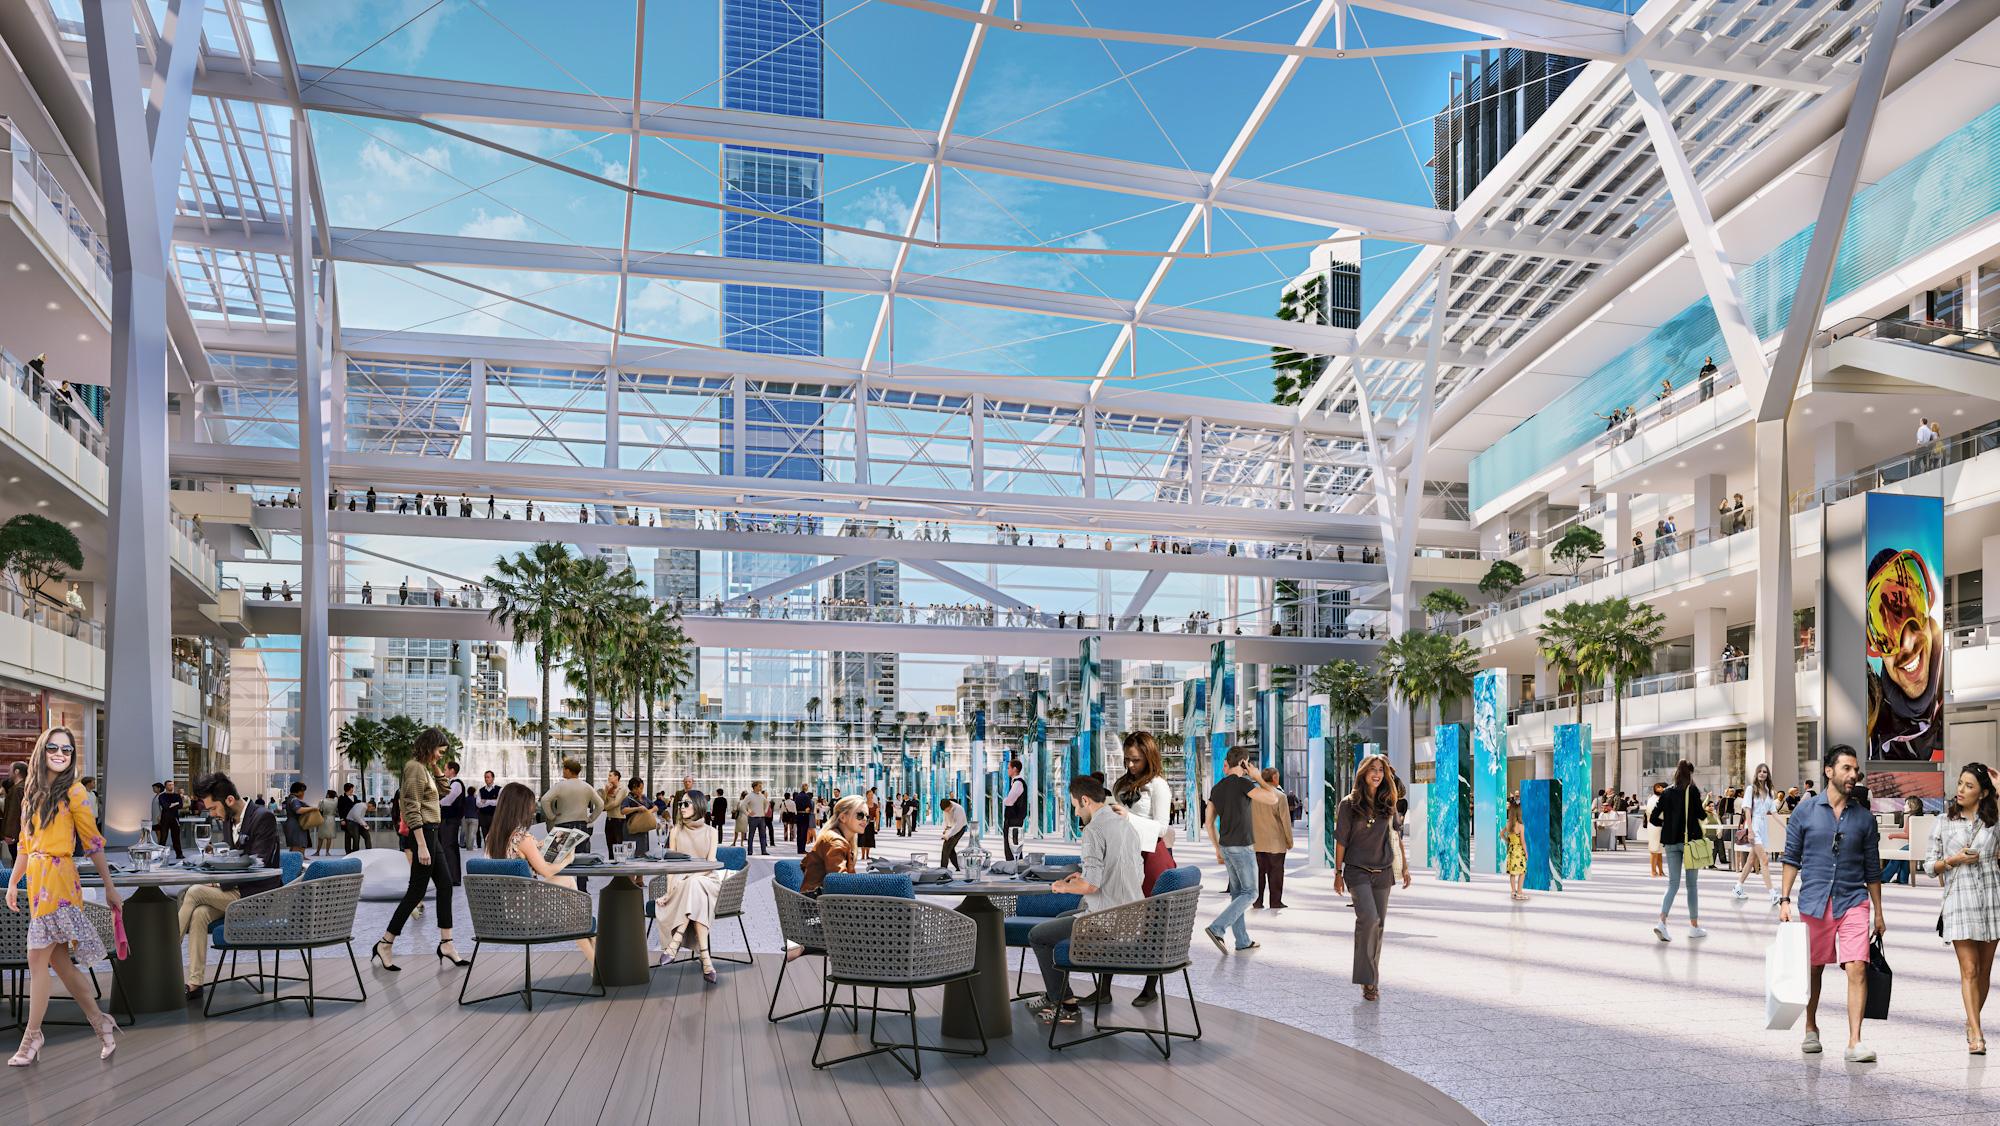 دبي تحتضن أول مسار داخلي كهربائي لسيارات السباق الصغيرة